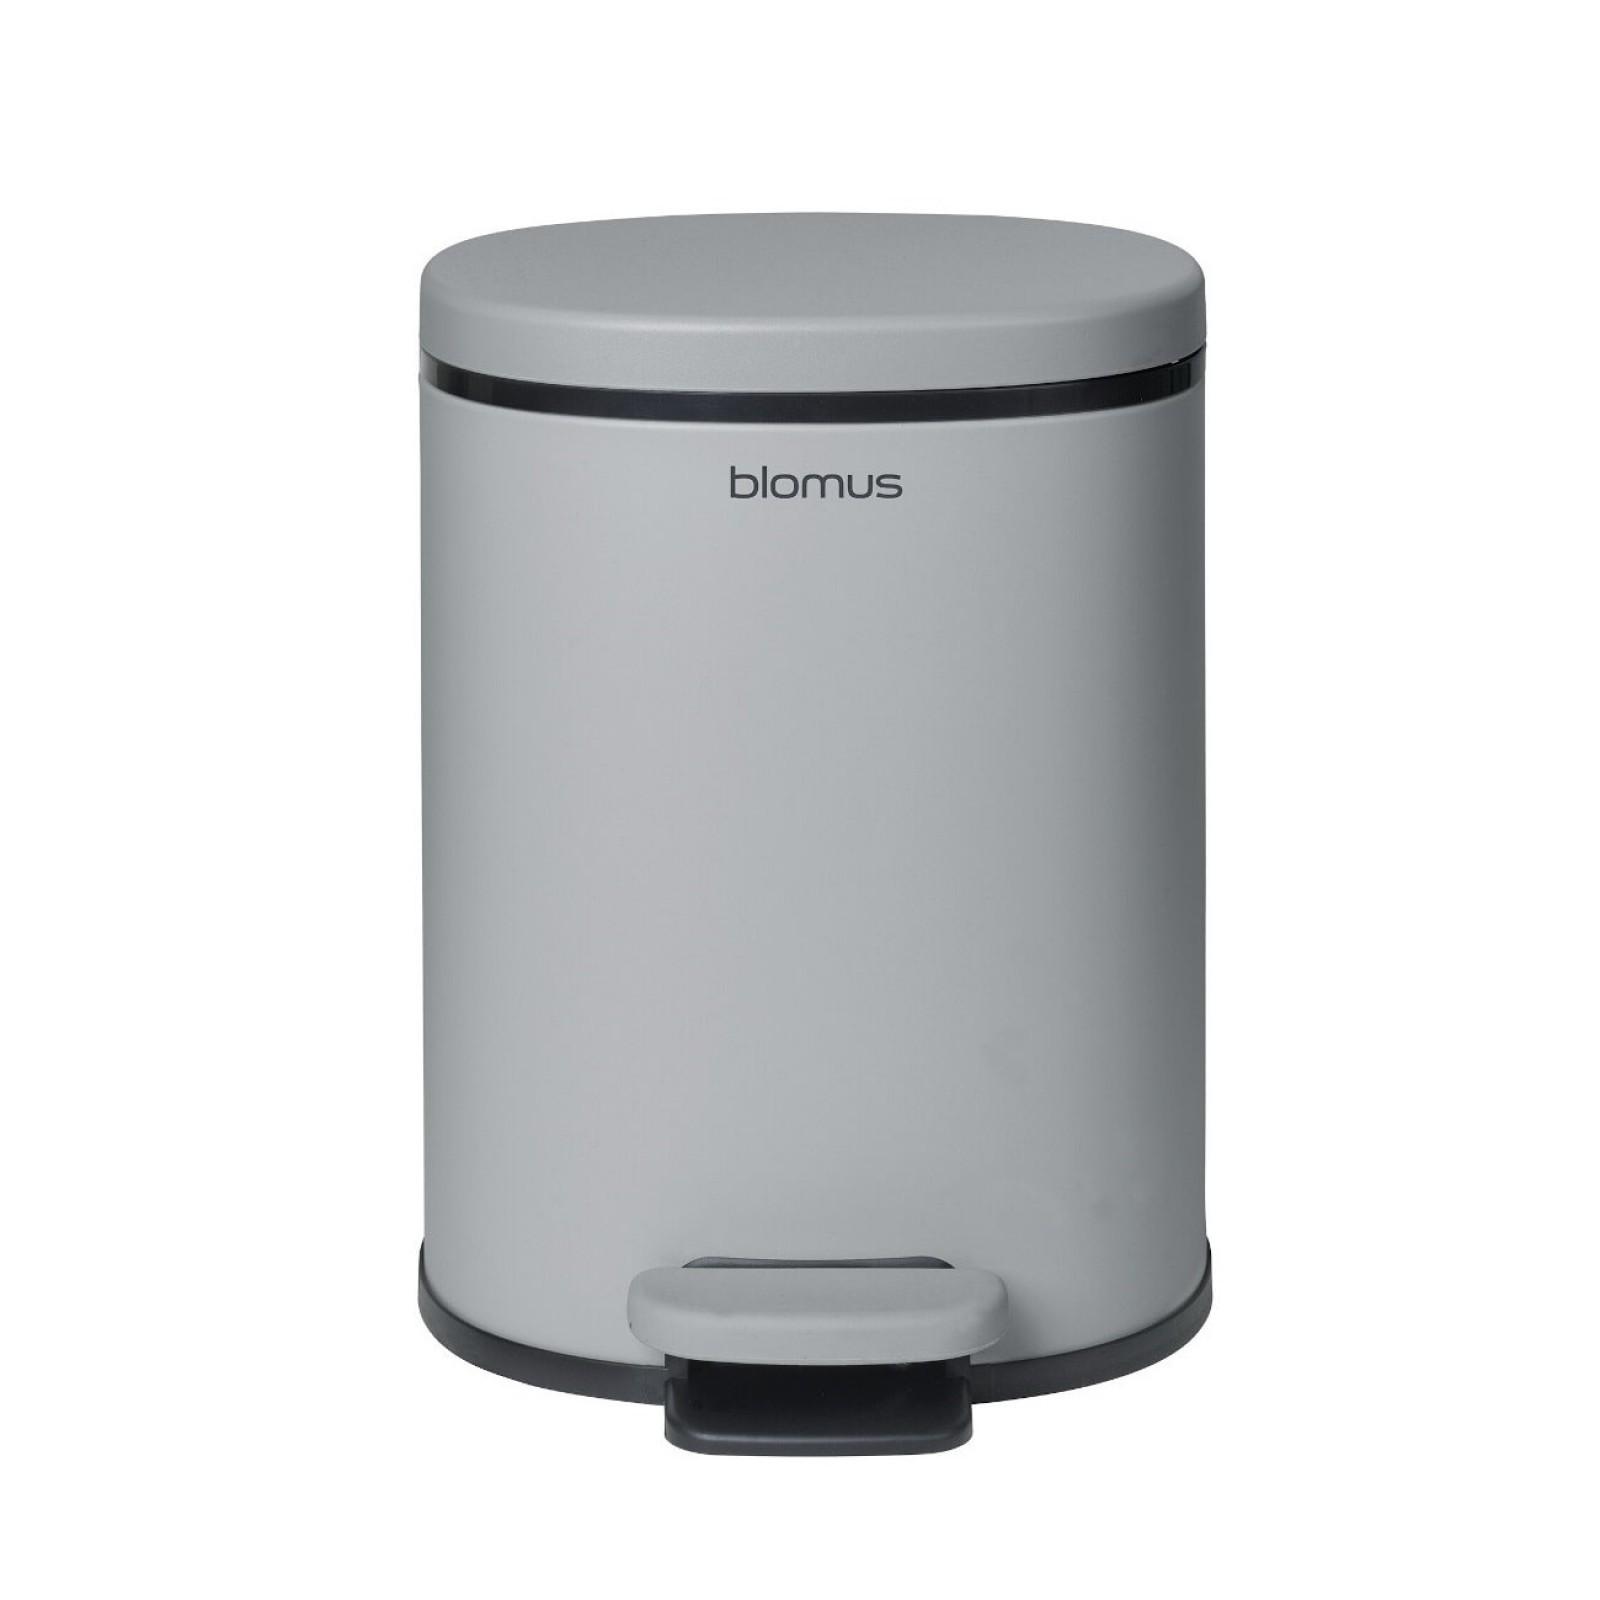 Κάδος Μπάνιου PARA 5 Λίτρα (Ανοιχτό Γκρι) - Blomus